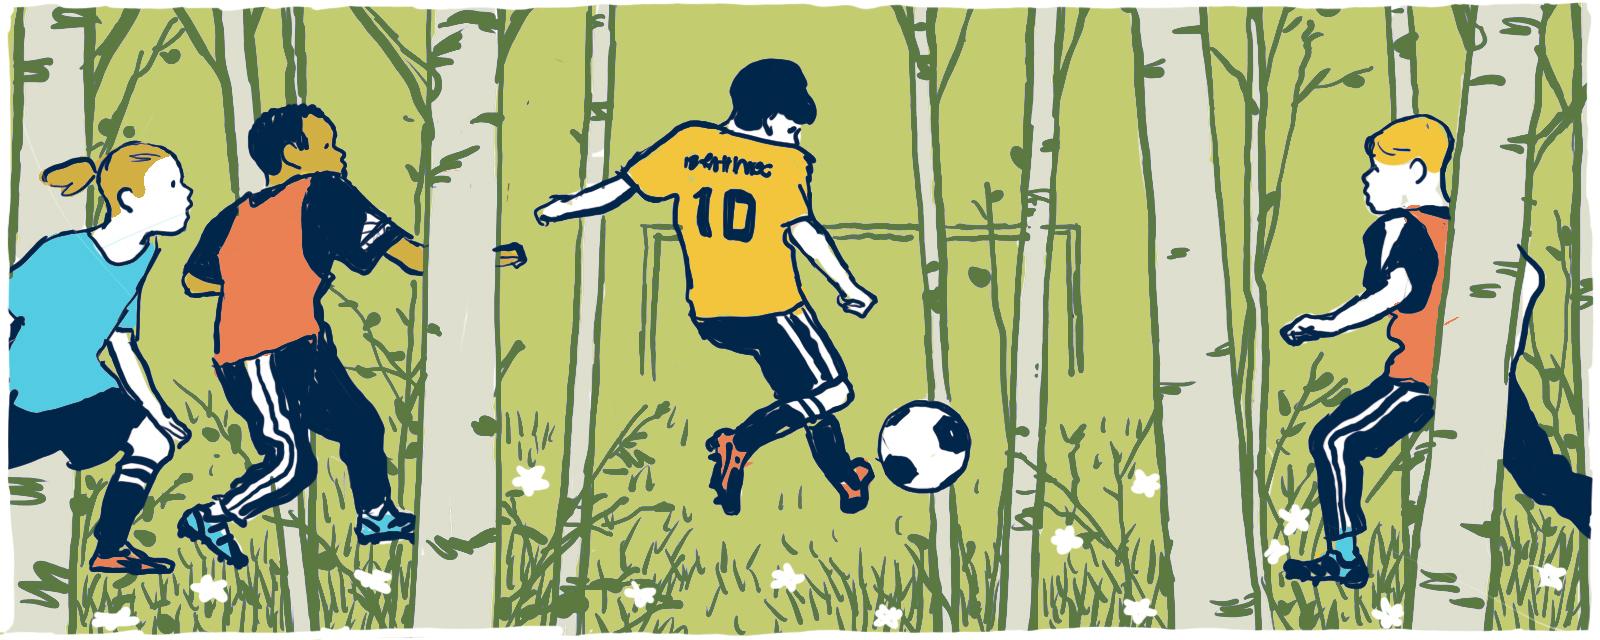 Sweden World Cup Doodle Sketch